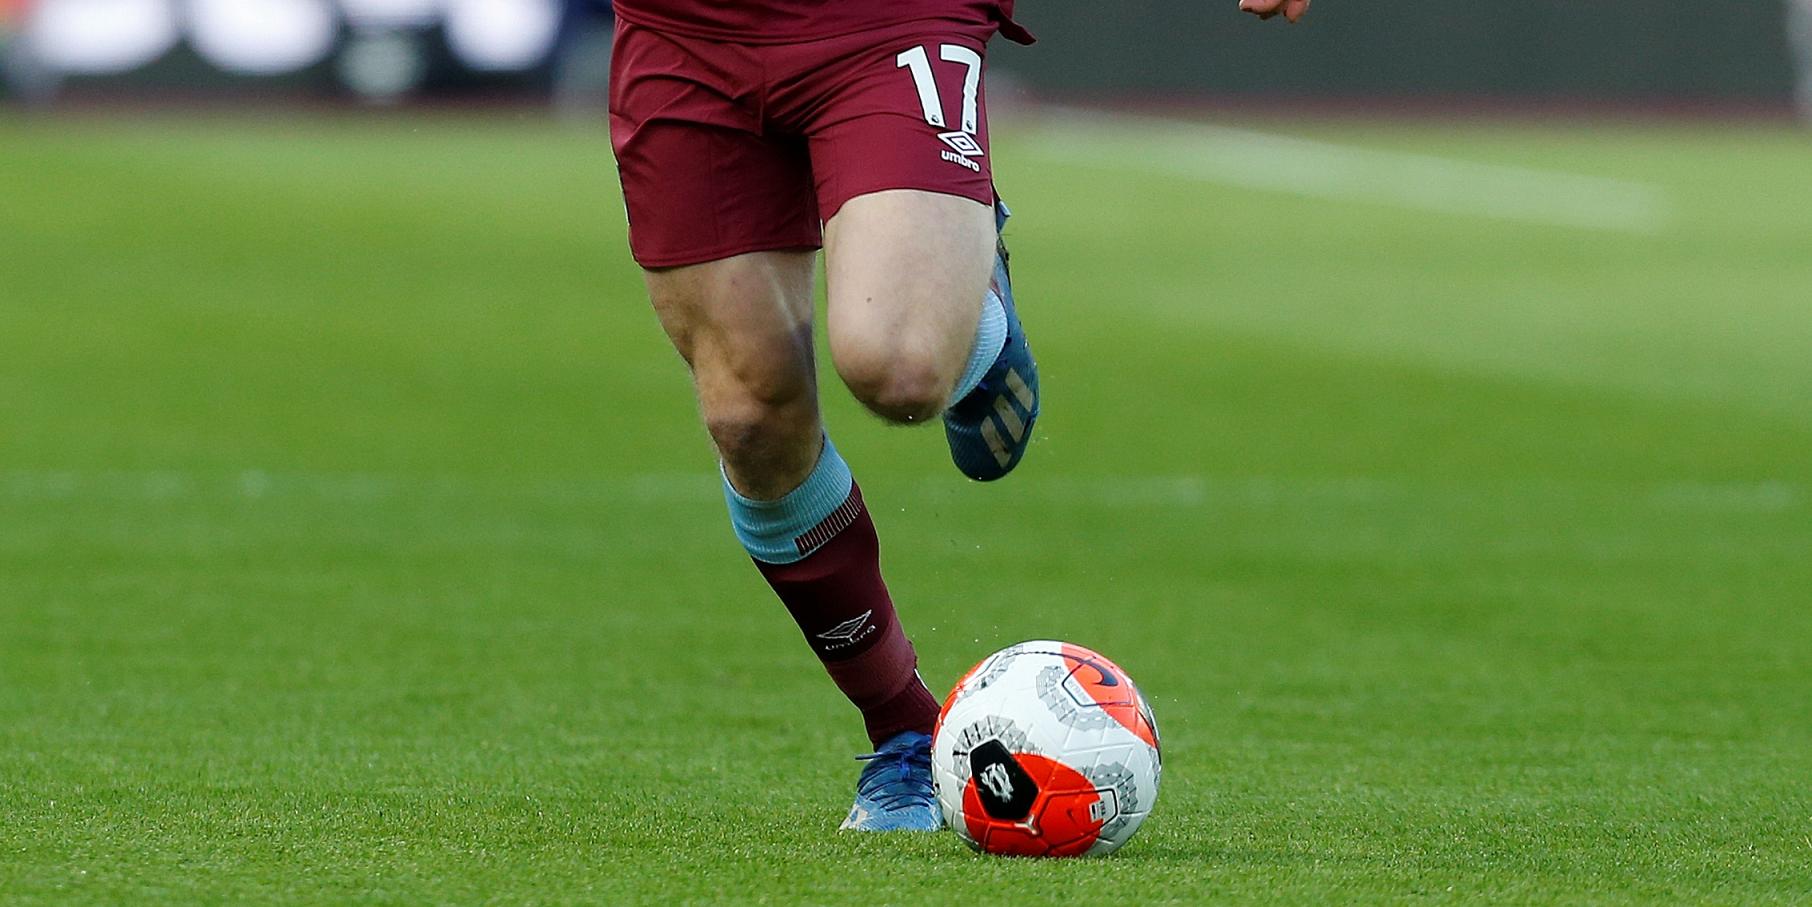 Le Groupe Canal+ acquiert l'intégralité de la Premier League pour 3 saisons supplémentaires et en exclusivité